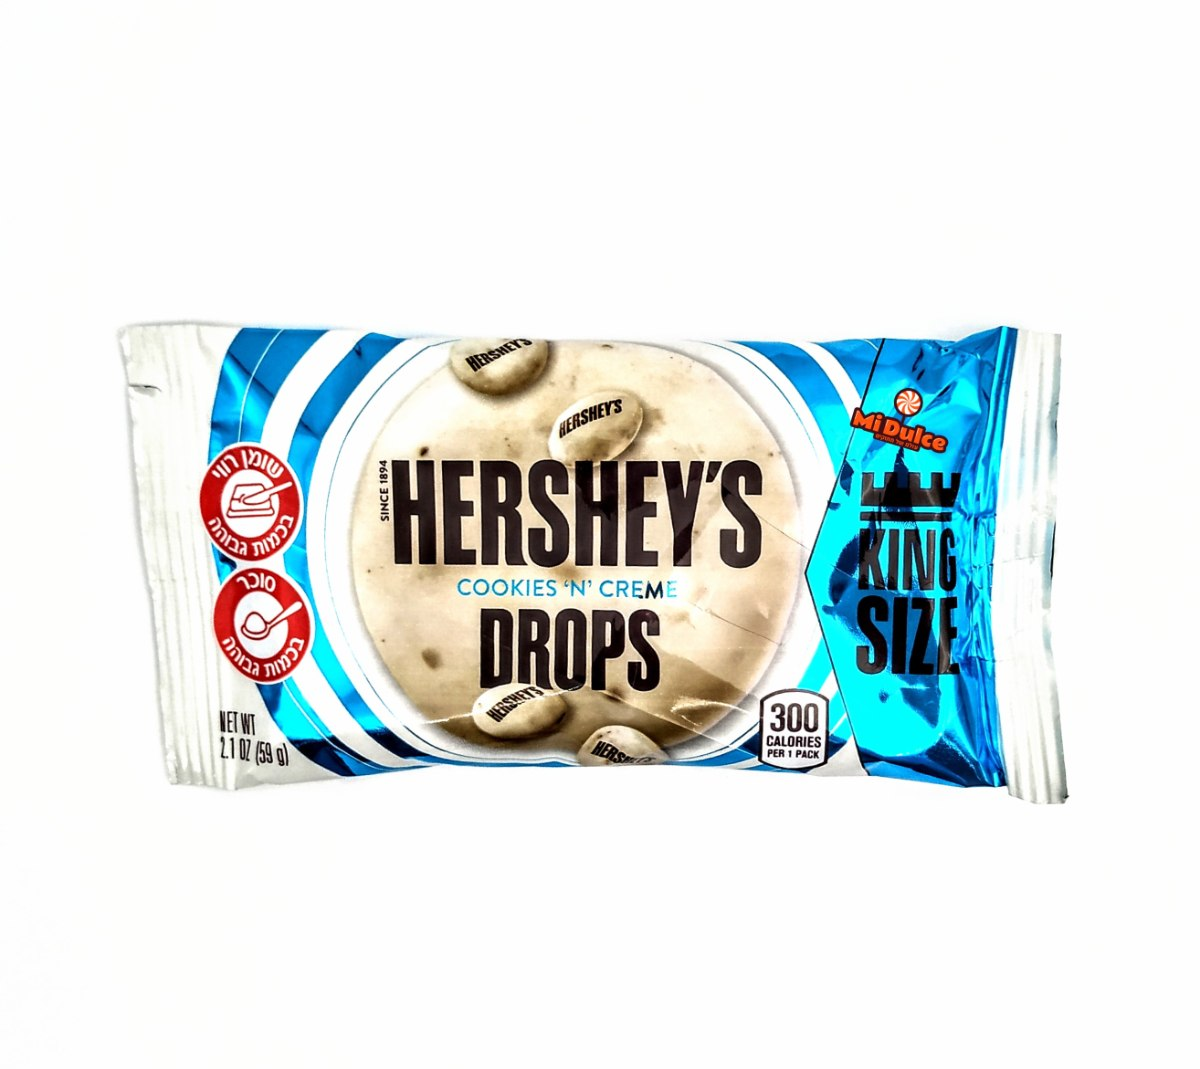 Hershey's Drops